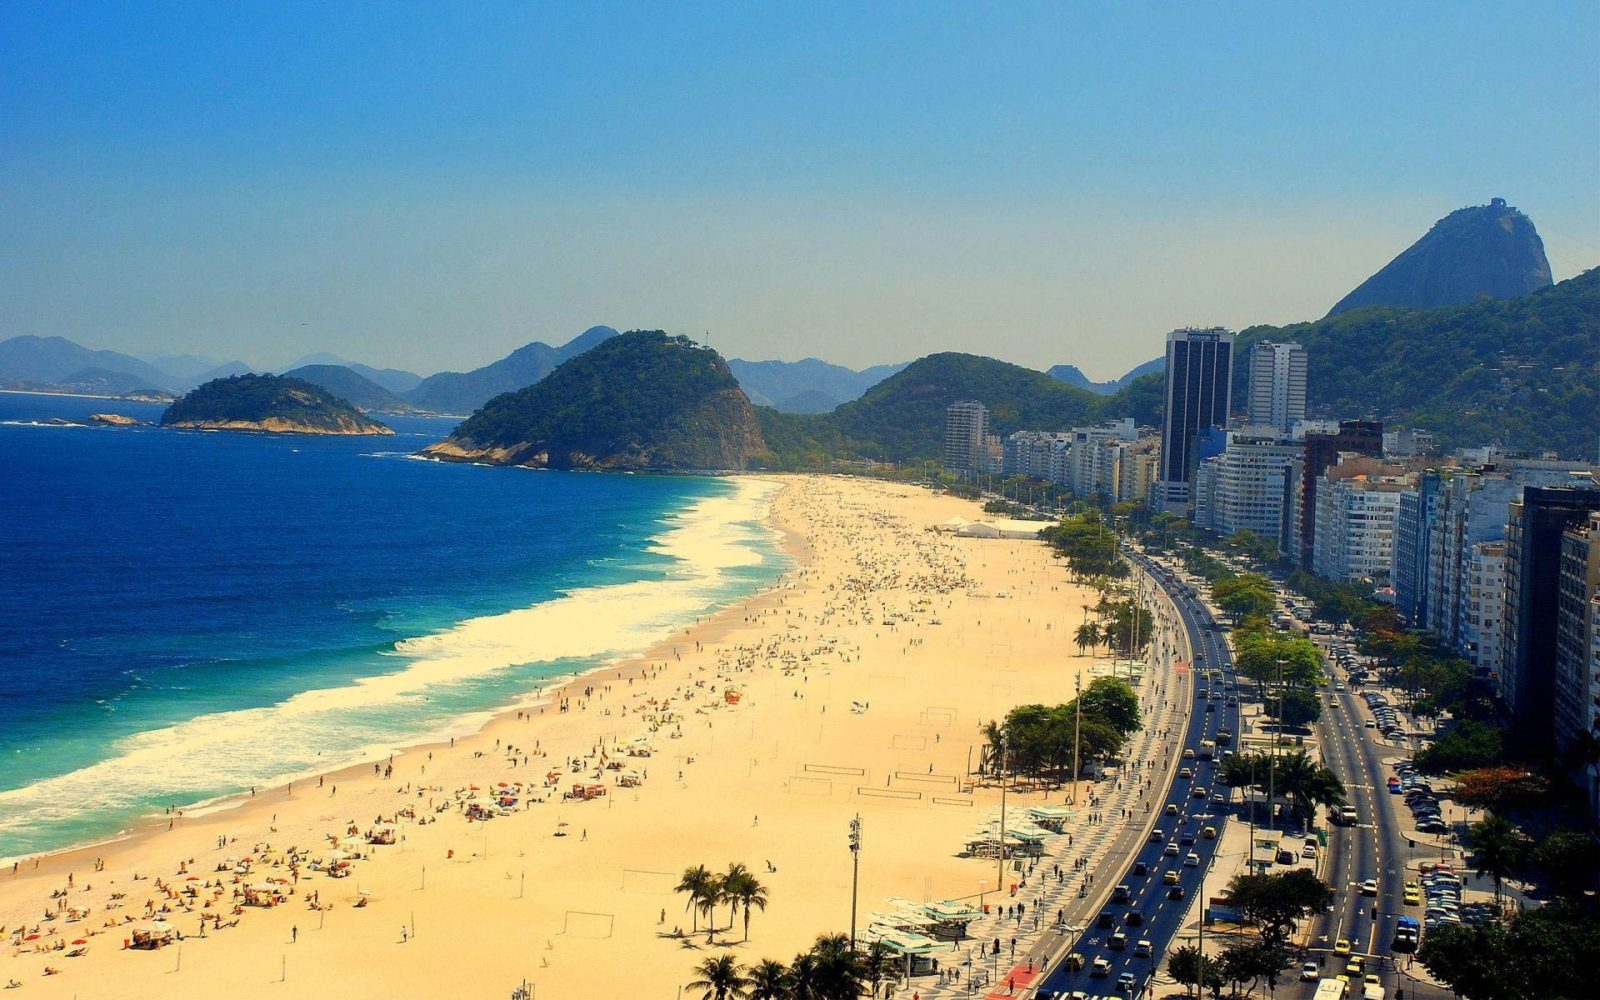 1440535960-copacabana-o-bairro-mais-charmoso-do-rio-de-janei